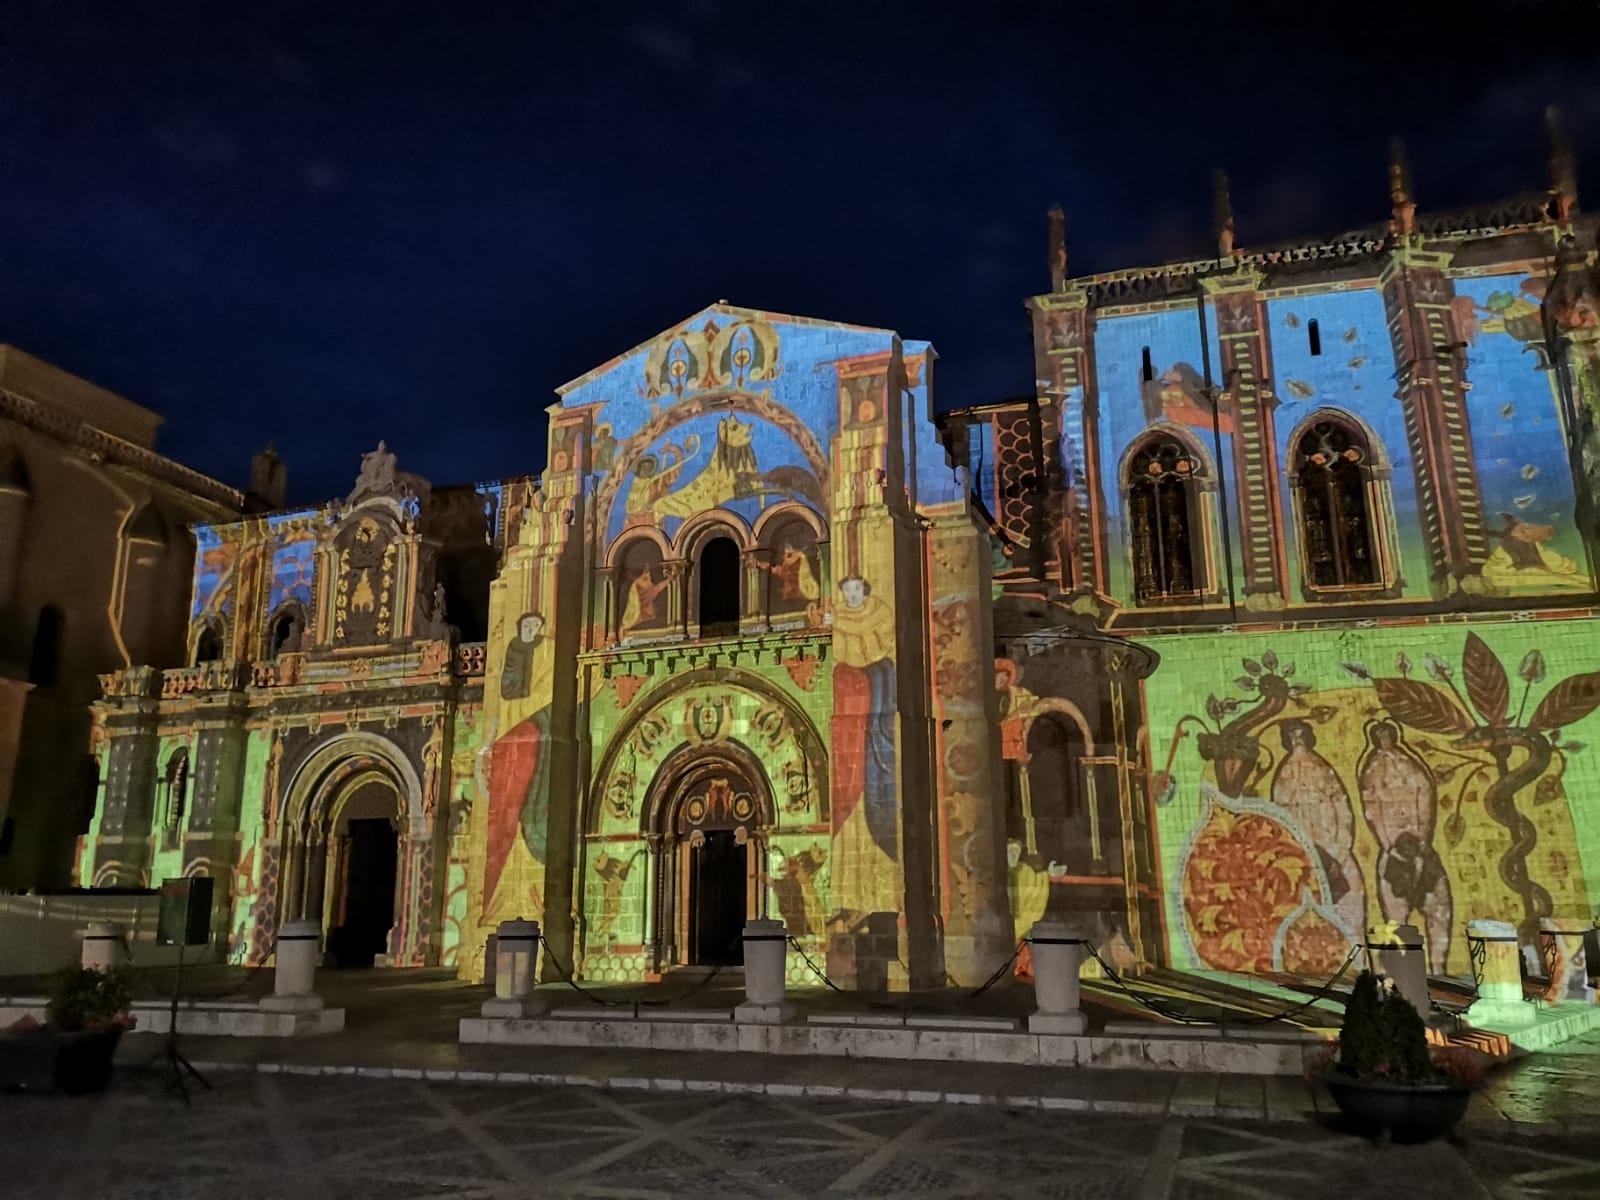 La Basílica de San Isidoro es elegida la primera maravilla del Románico español, con los restos de San Isidoro de Sevilla. A sus pies el Panteón de los Reyes y dentro del museo numerosas piezas de valor incalculable.